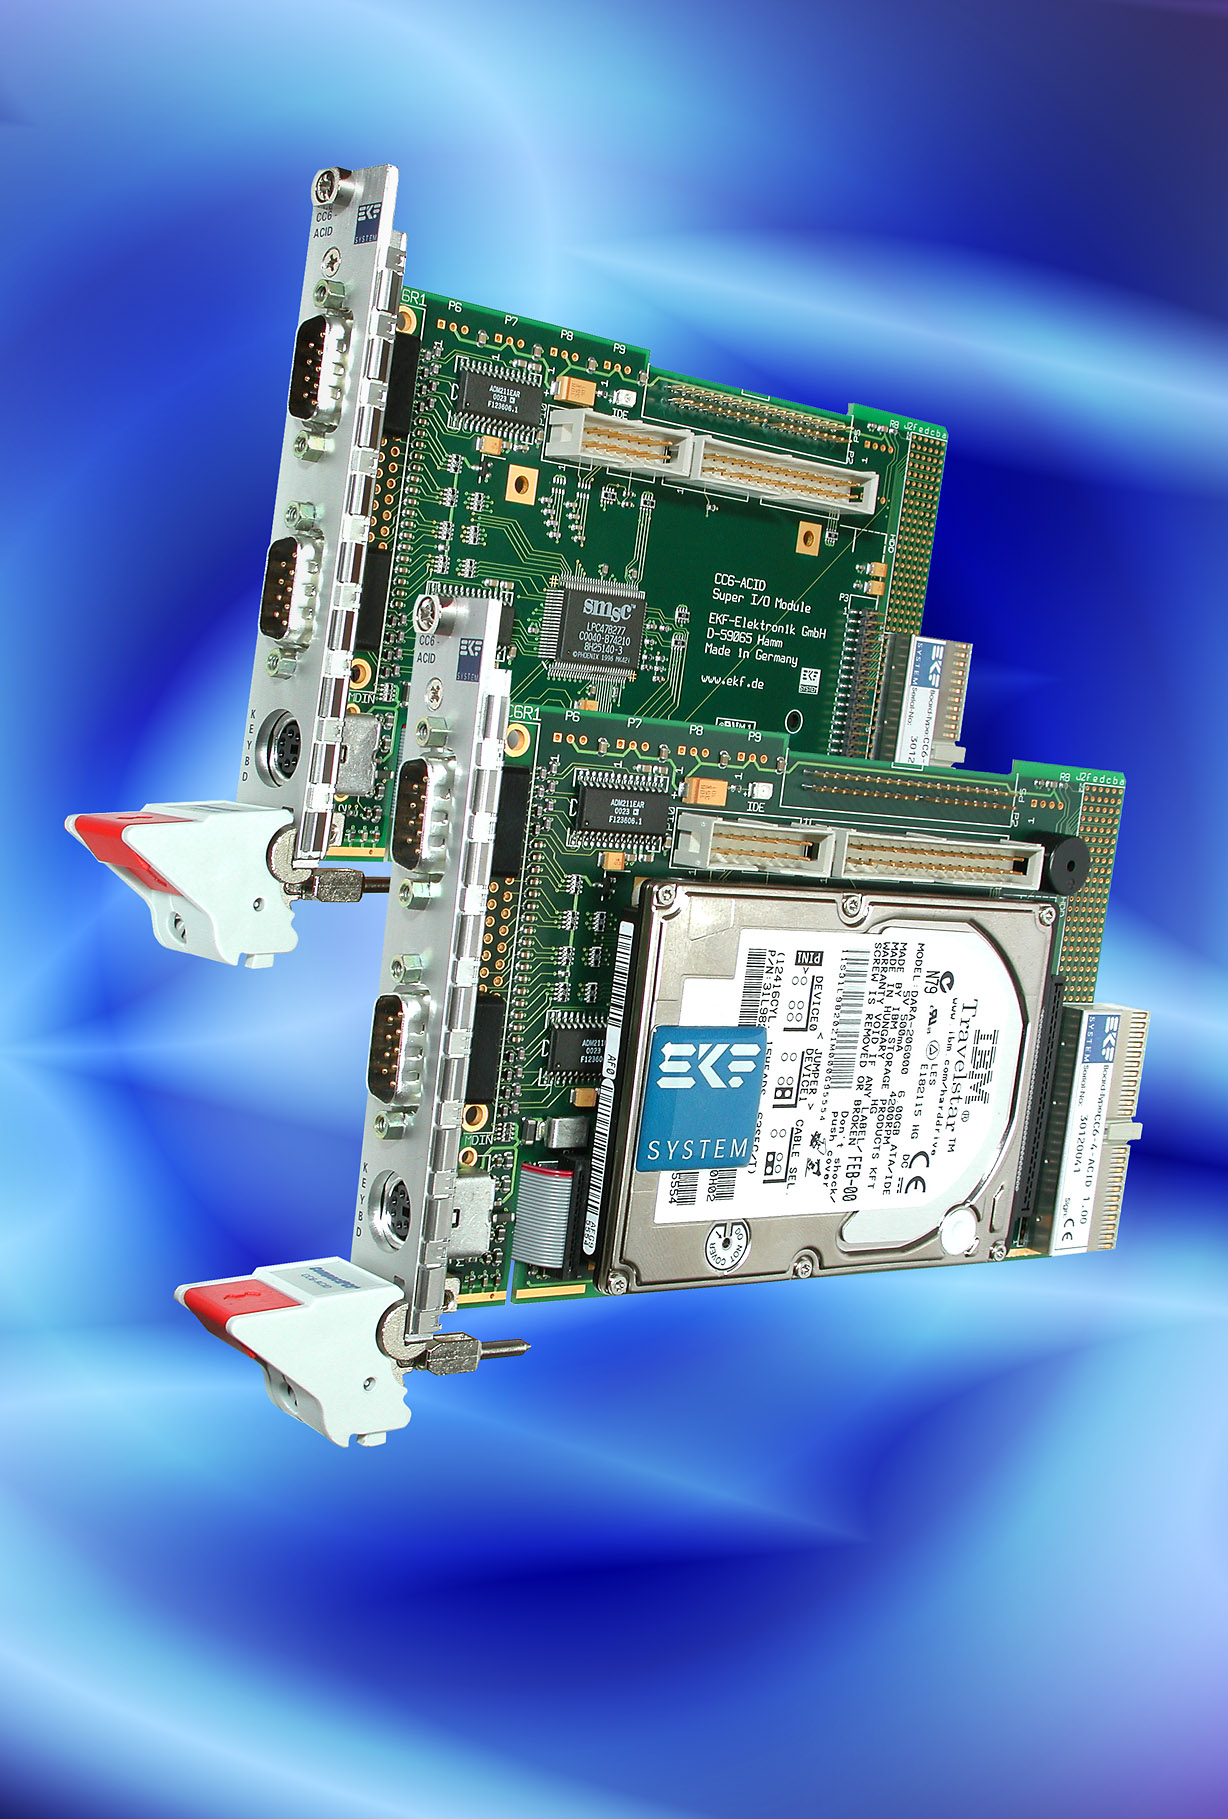 Ekf Compactpci Cpu Boards Cc6 Acid Amp Cc0 Chillout Super I